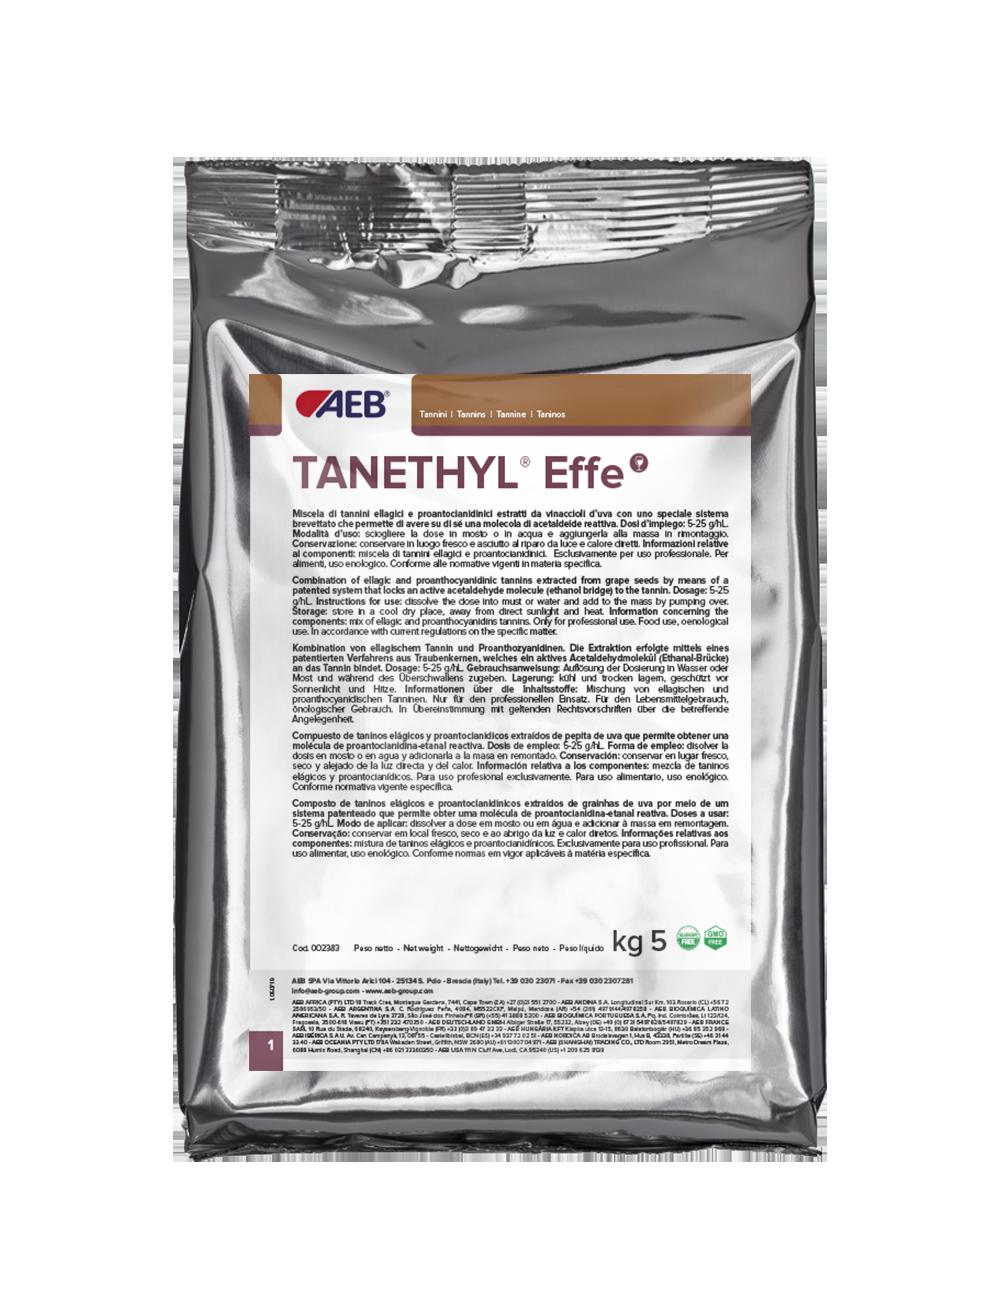 TANETHYL Effe